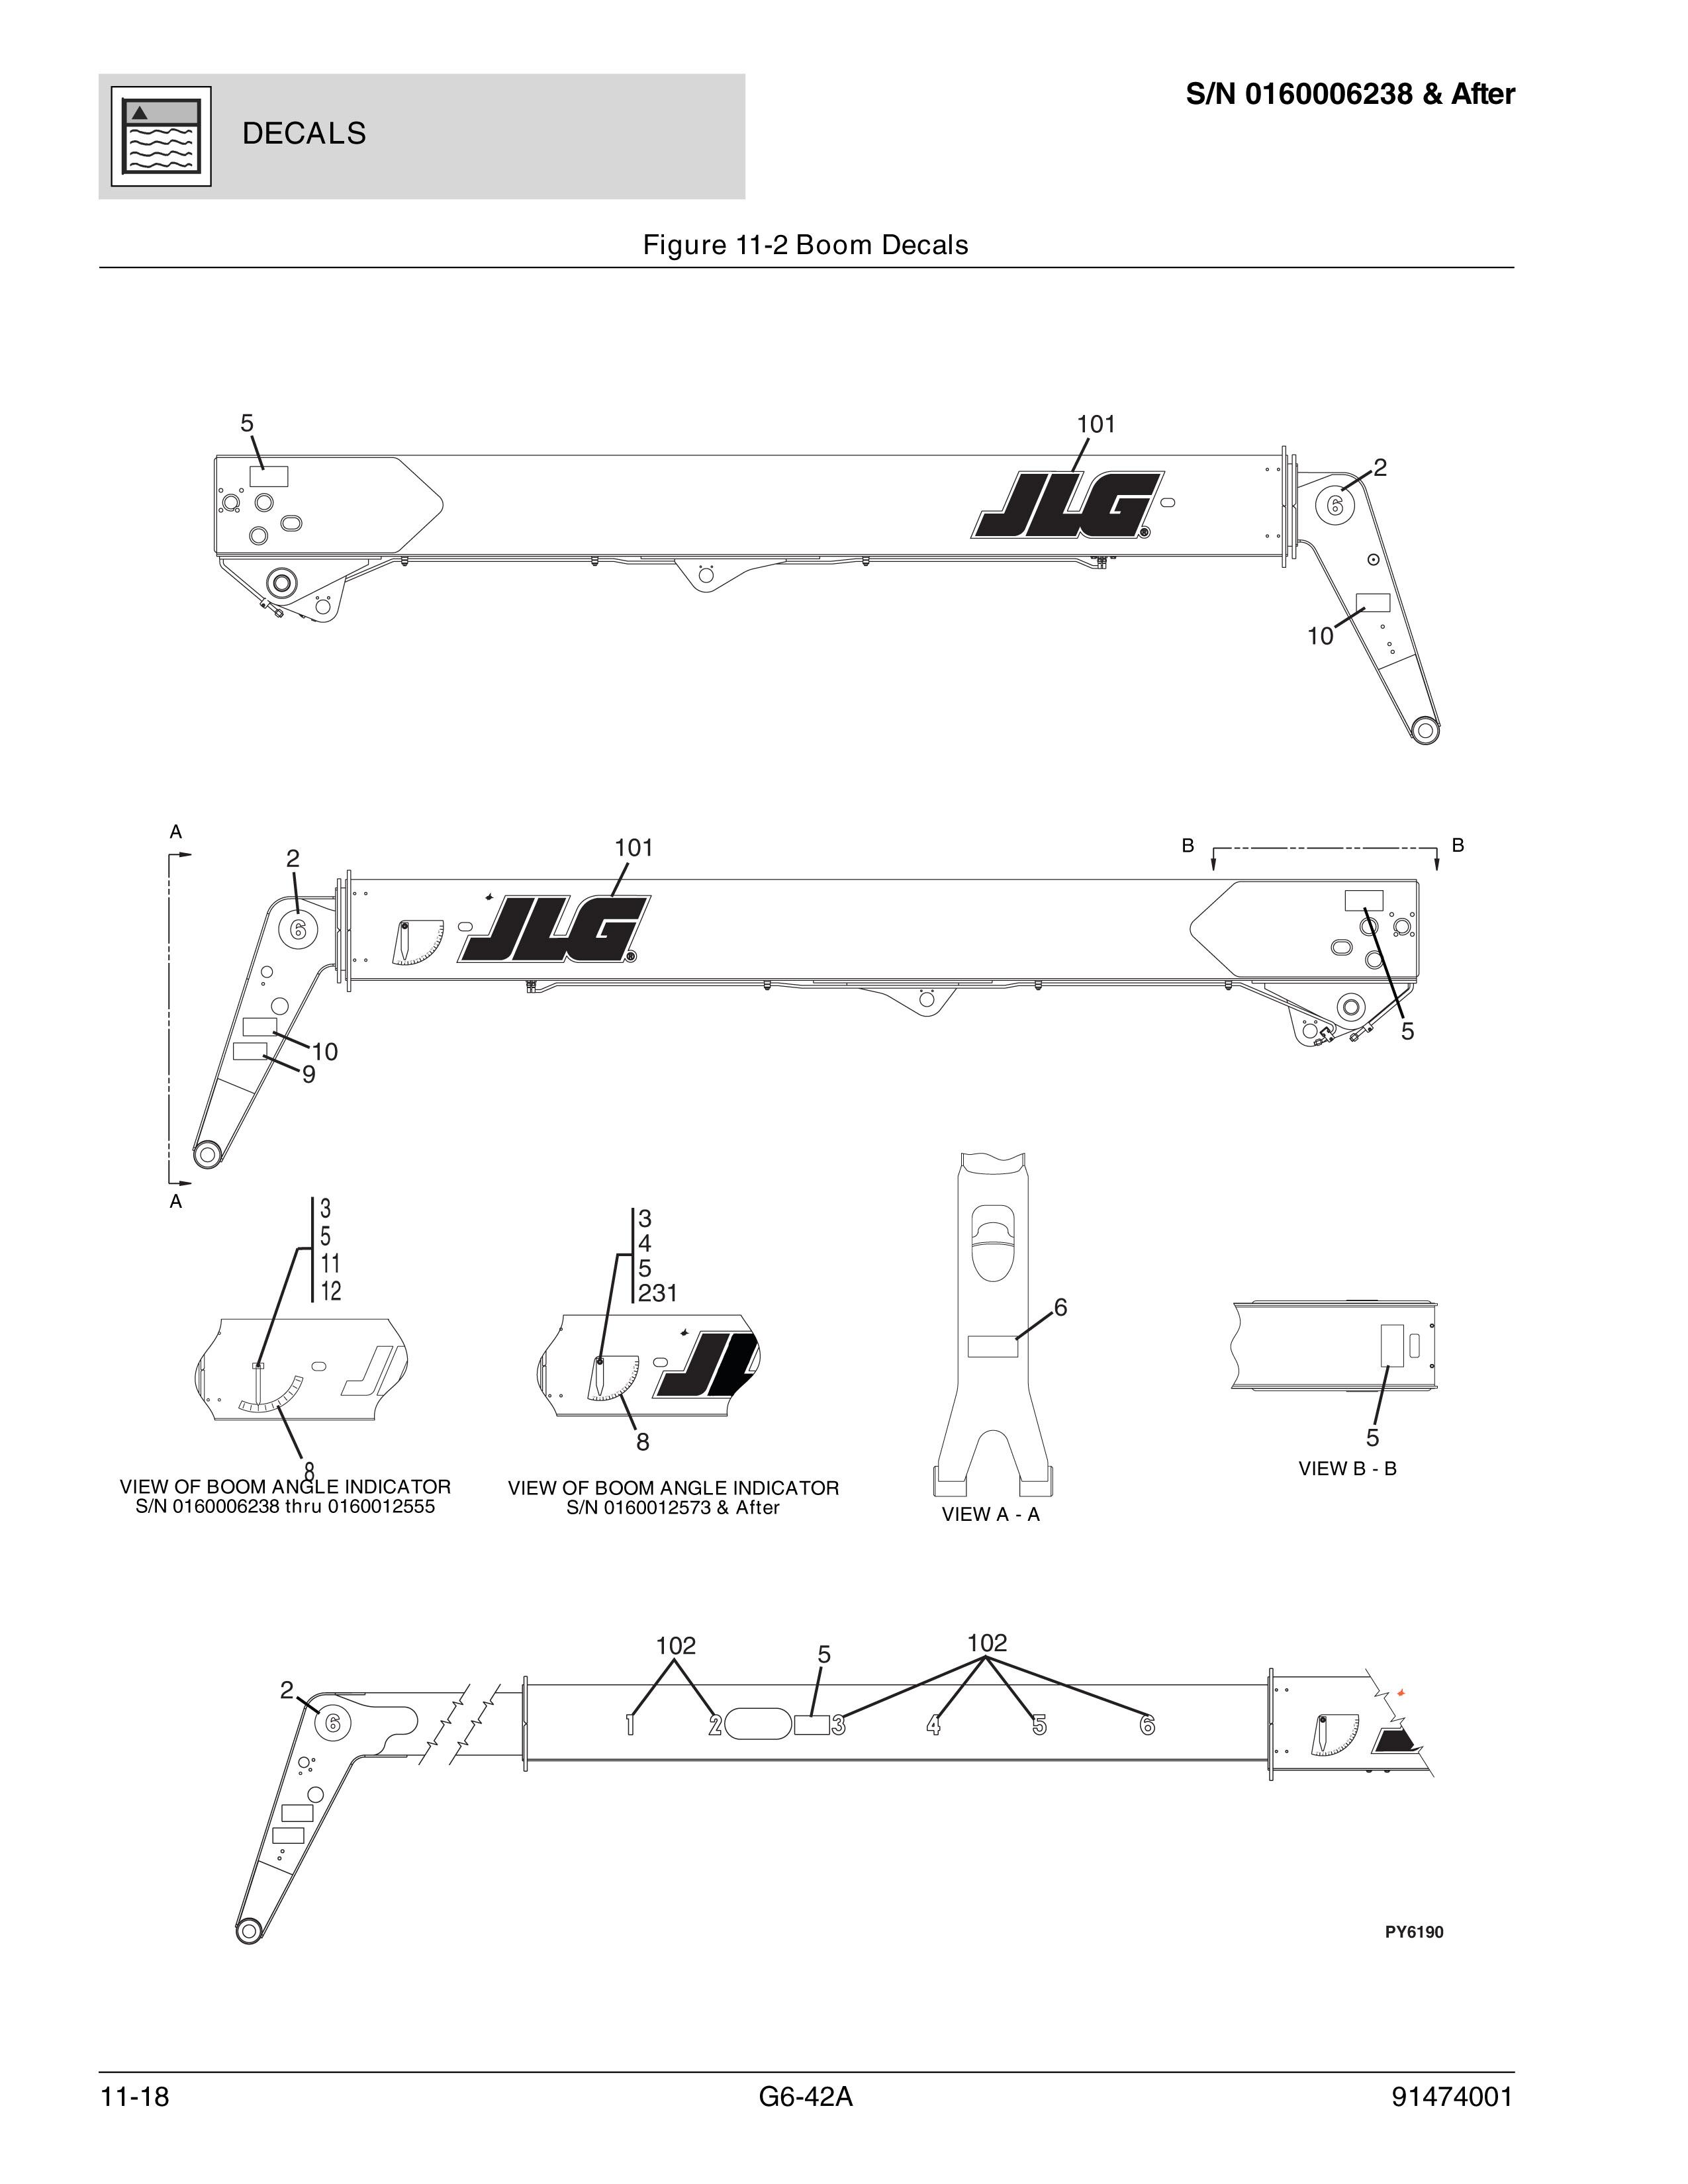 Jlg 1932E2 Wiring Diagram - Nyamik Mohammedshrine Wiring ... on